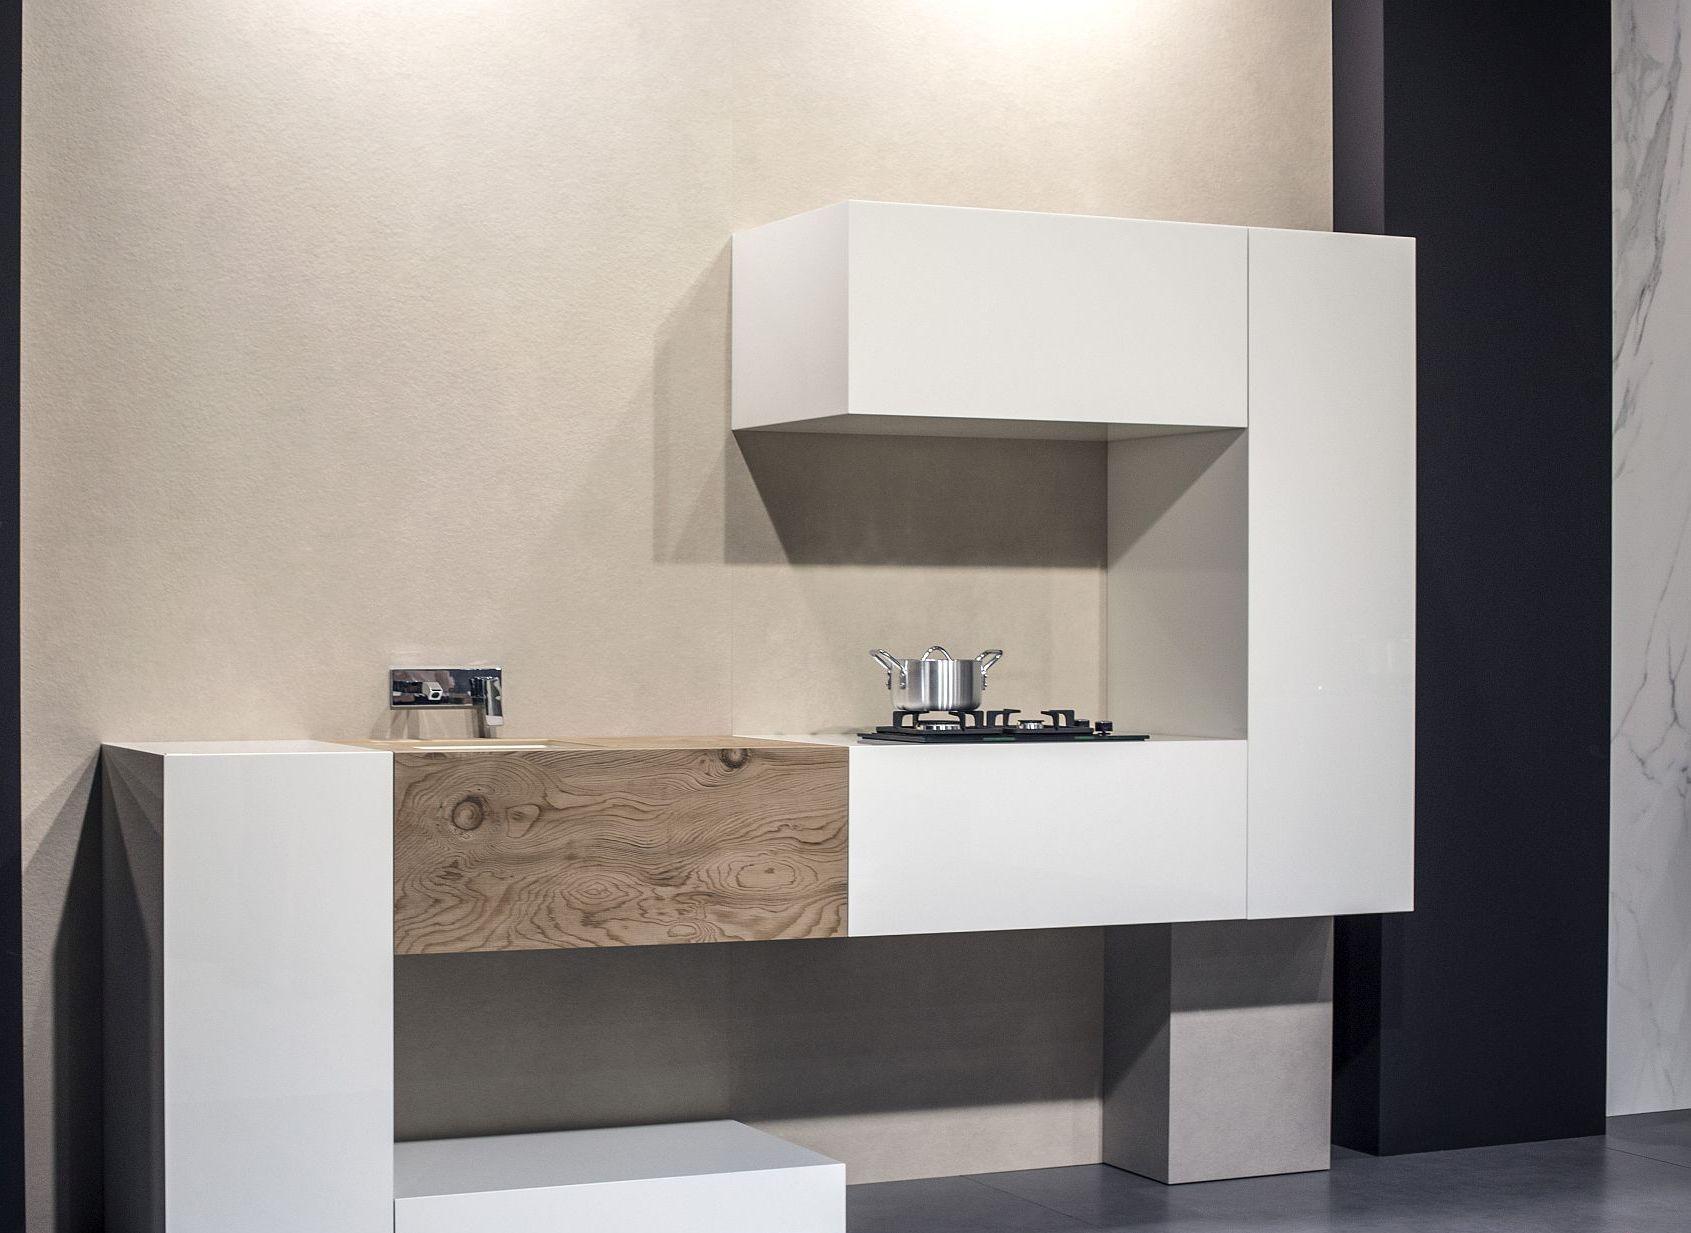 Дизайн интерьера и мебели для маленькой кухни: небольшой гарнитур - фото 1